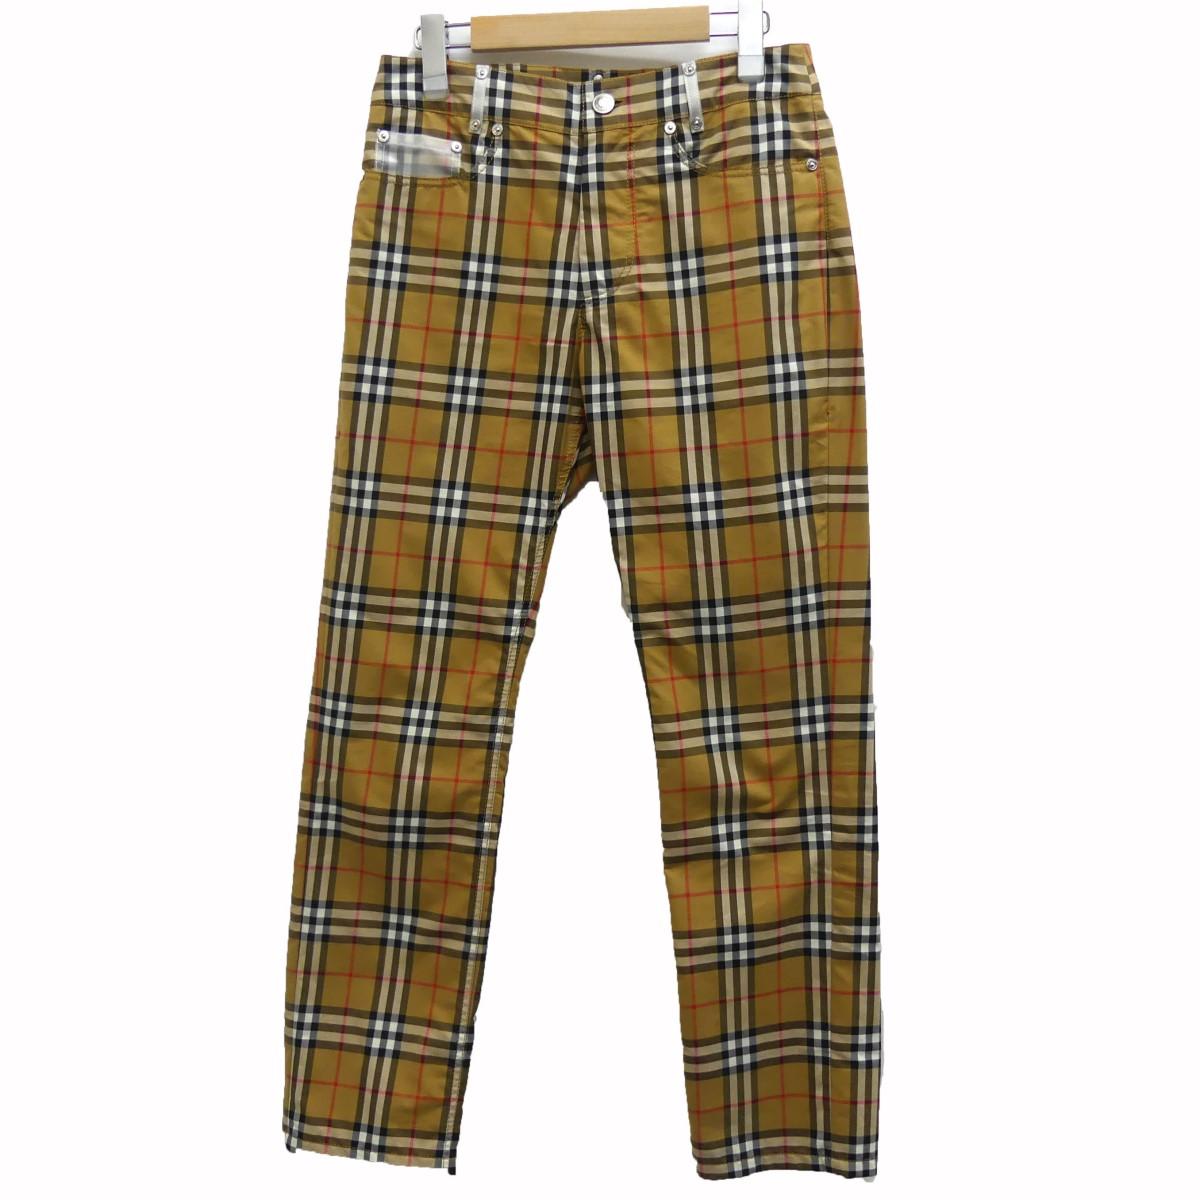 【中古】BURBERRY ×Vivienne Westwood 19SS チェックパンツ ブラウン サイズ:38 【120620】(バーバリー)